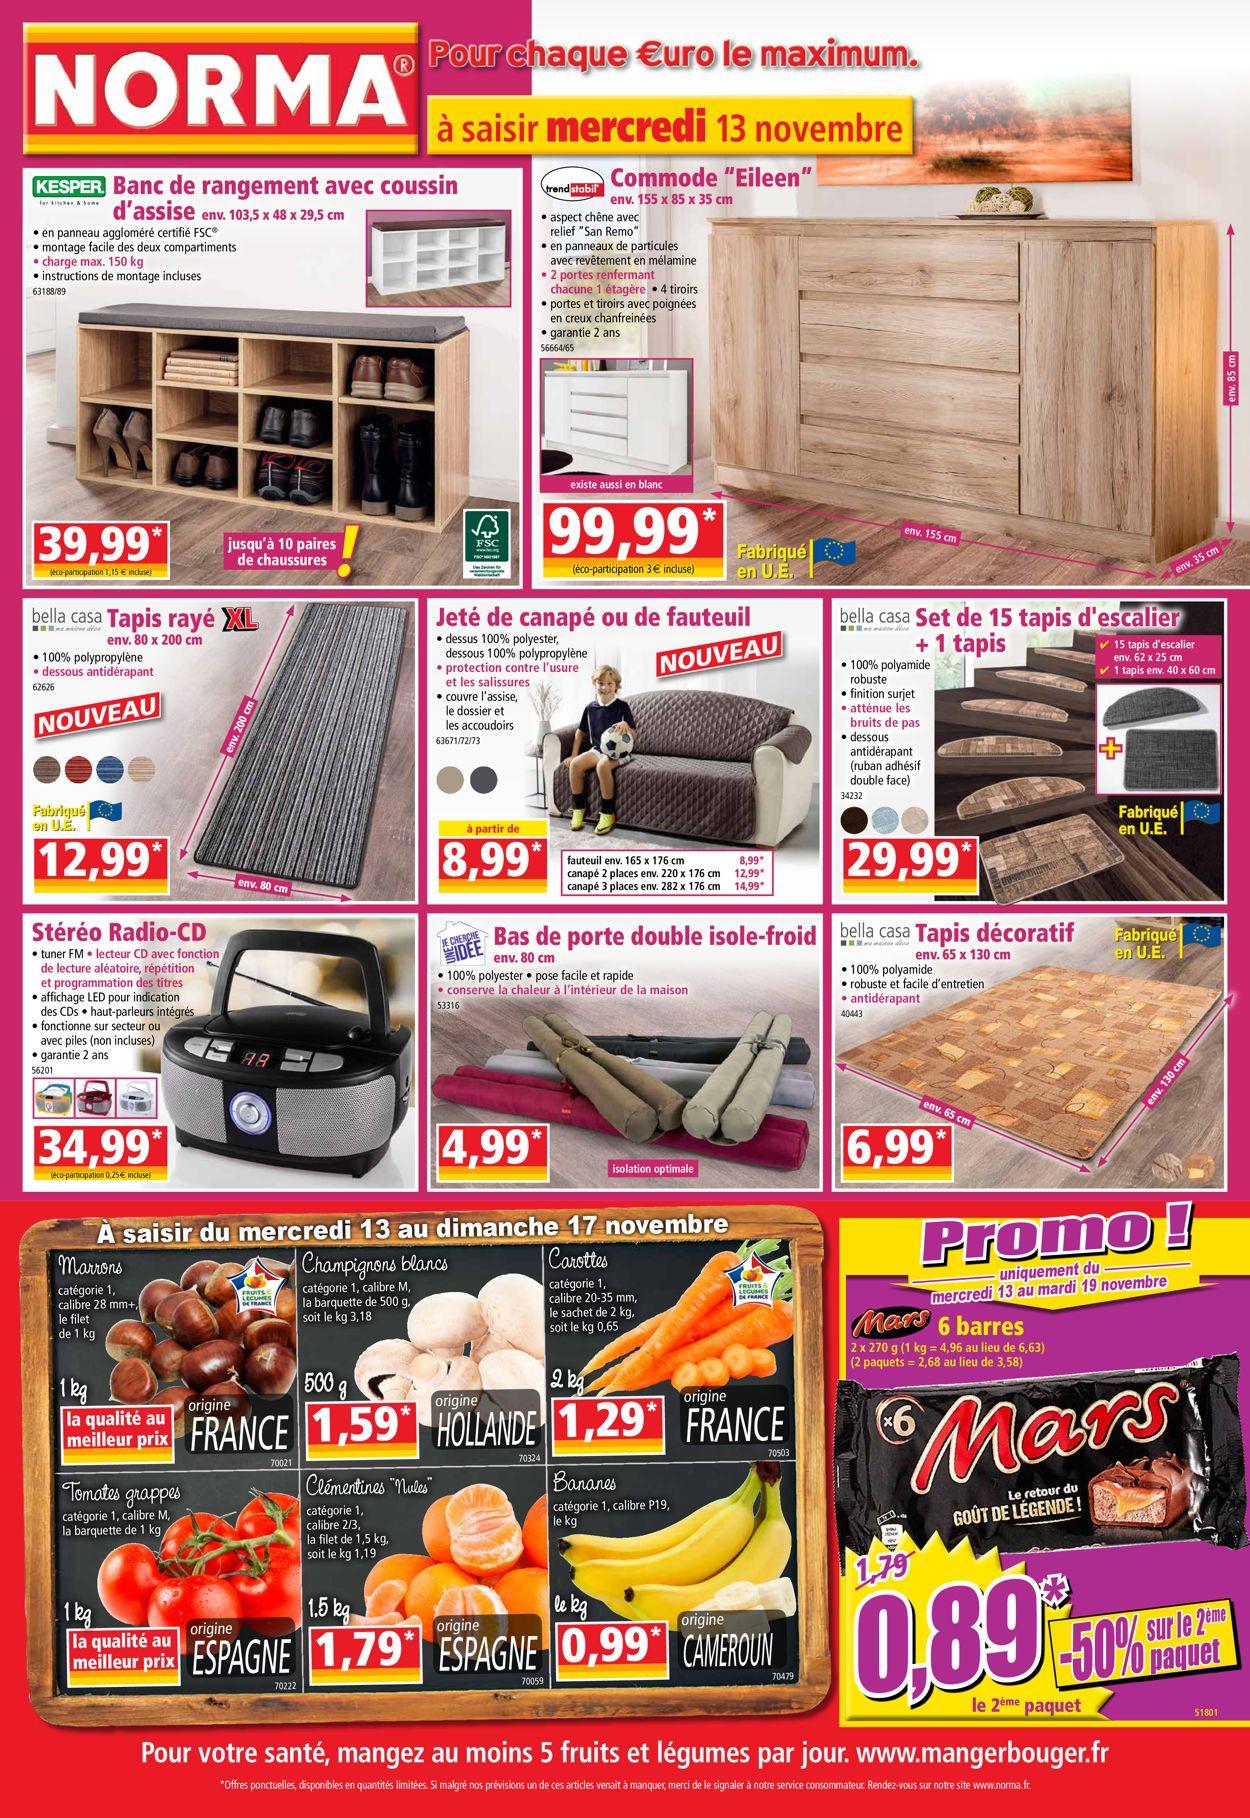 Norma Catalogue - 13.11-19.11.2019